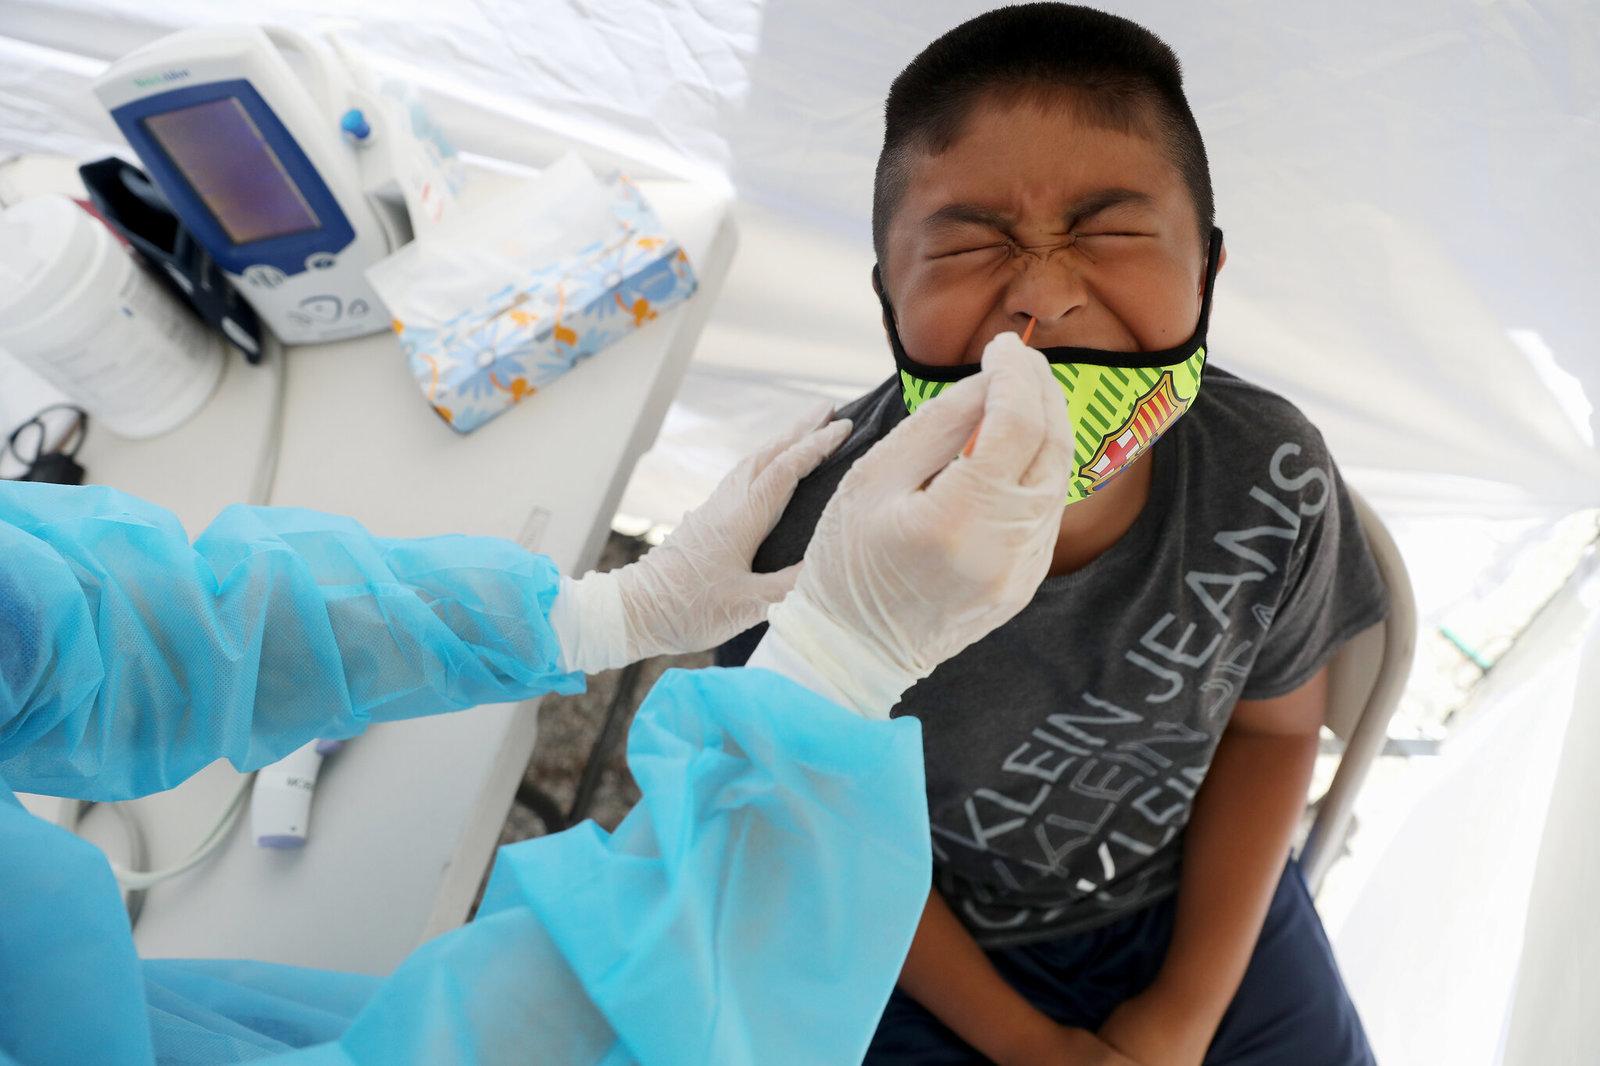 12 mil niños se contagian de COVID-19 en las últimas 3 semanas